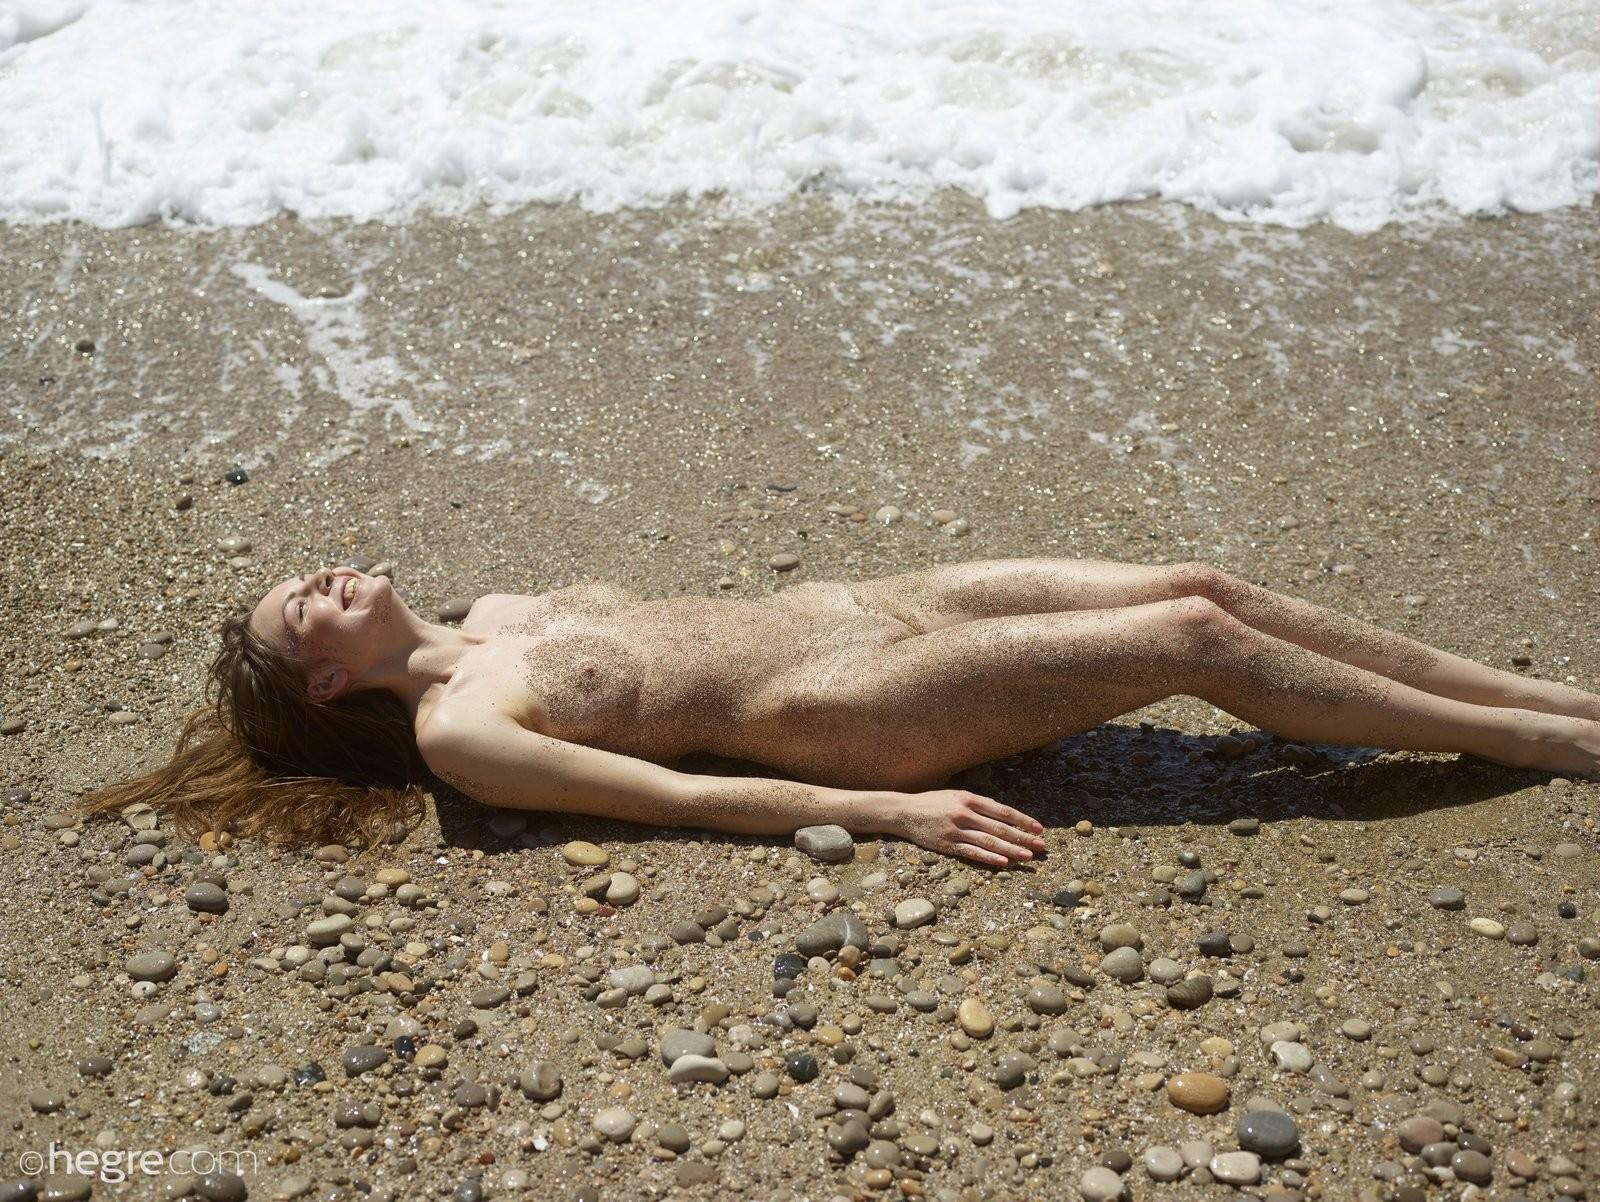 Голая нудистка в песке на пляже - фото